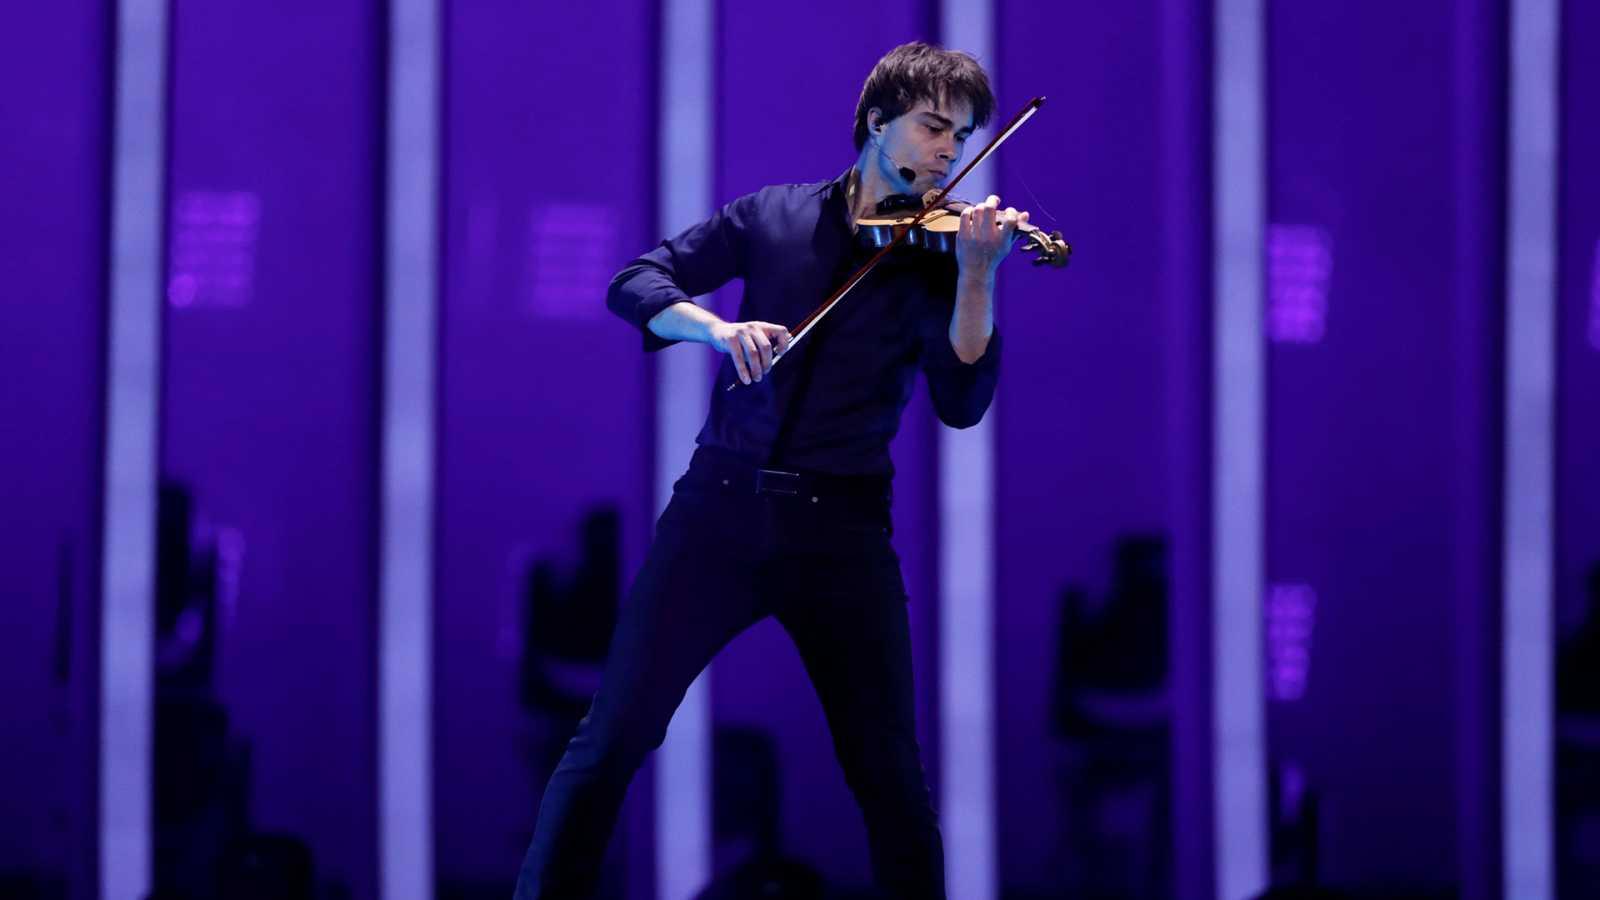 """Eurovisión - Noruega: Rybak canta """"That's how you write a song"""" en la segunda semifinal de Eurovisión 2018"""